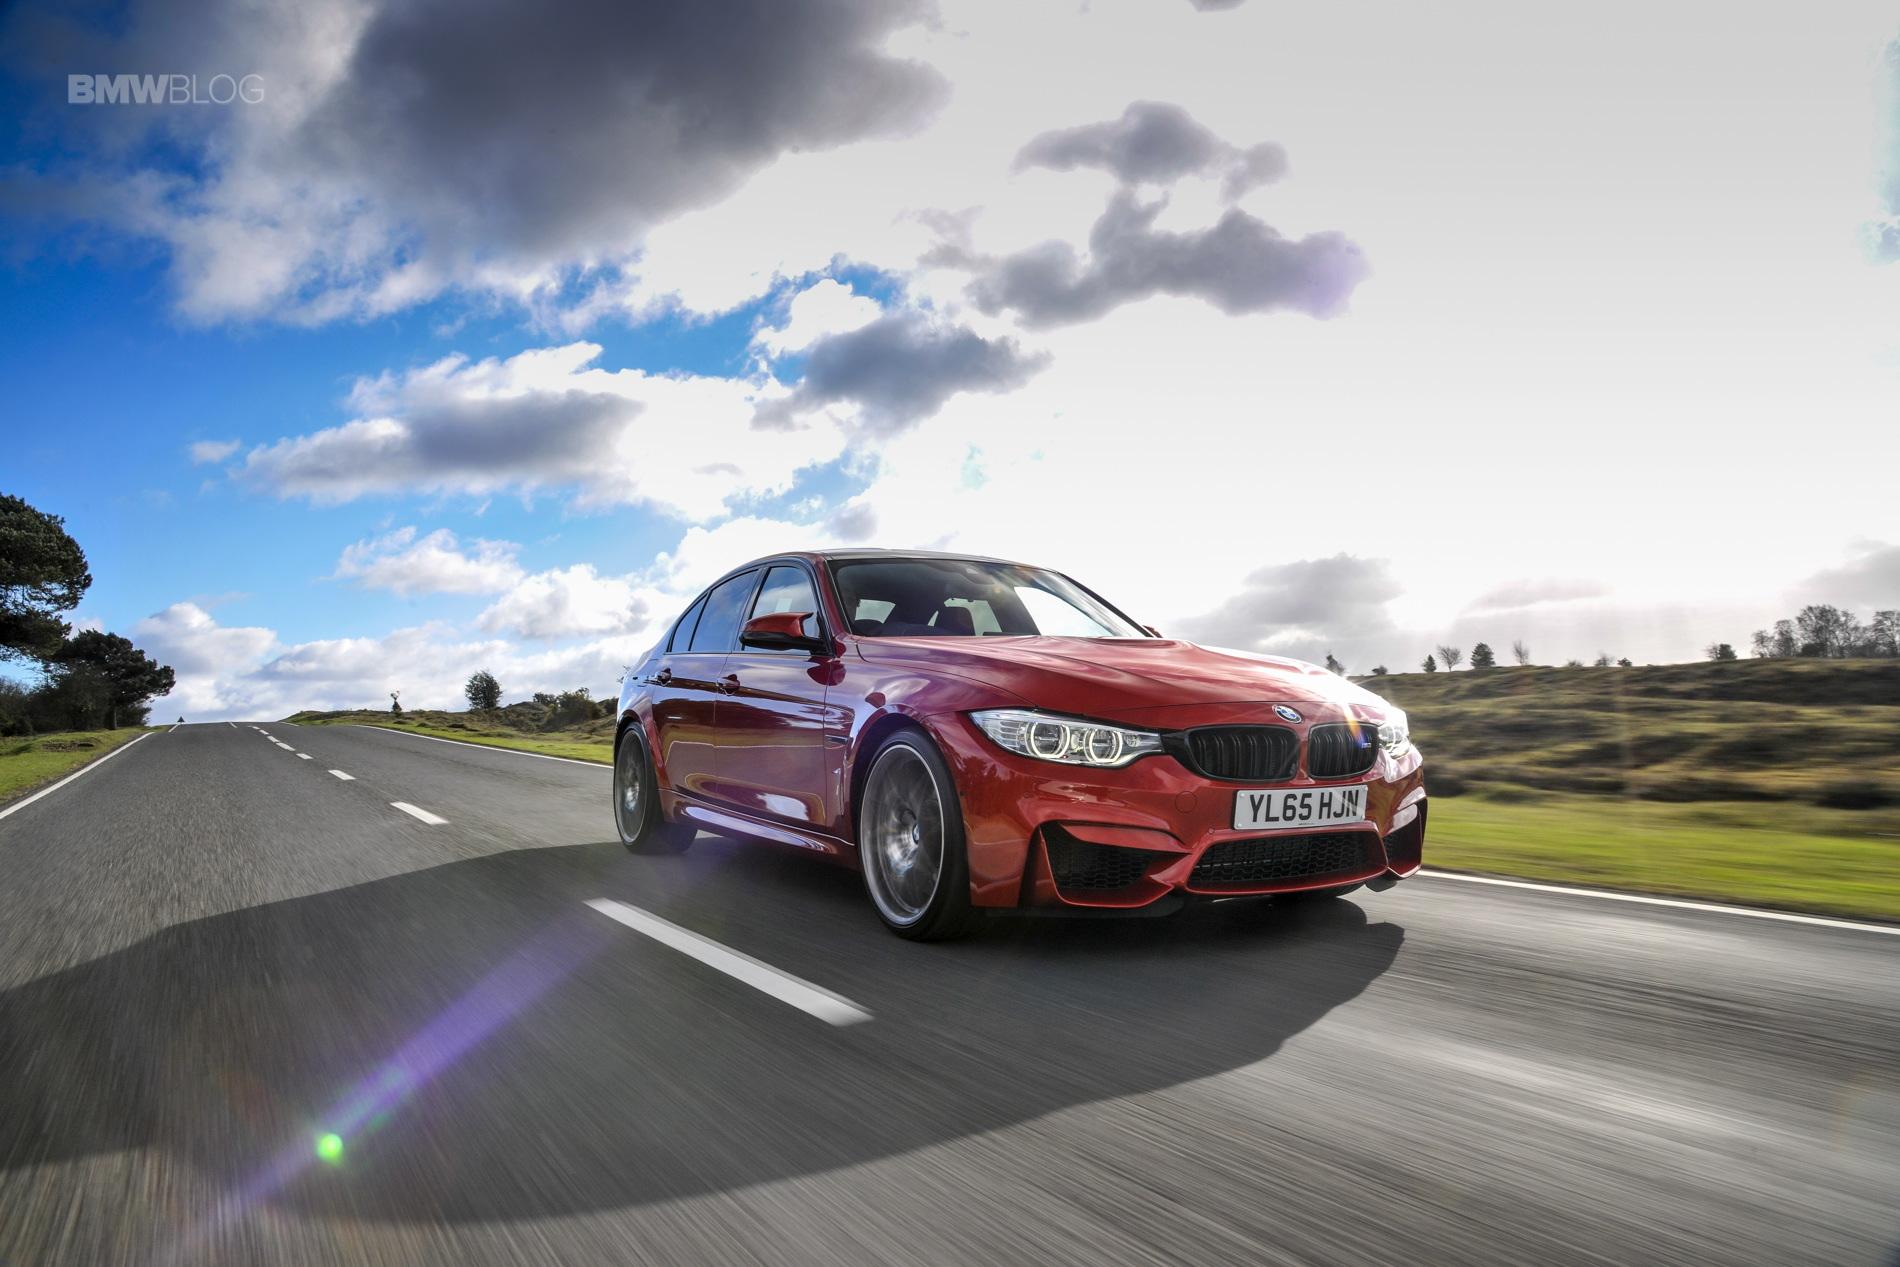 2016 BMW M3 Sedan Sakhir Orange Competition Package 12